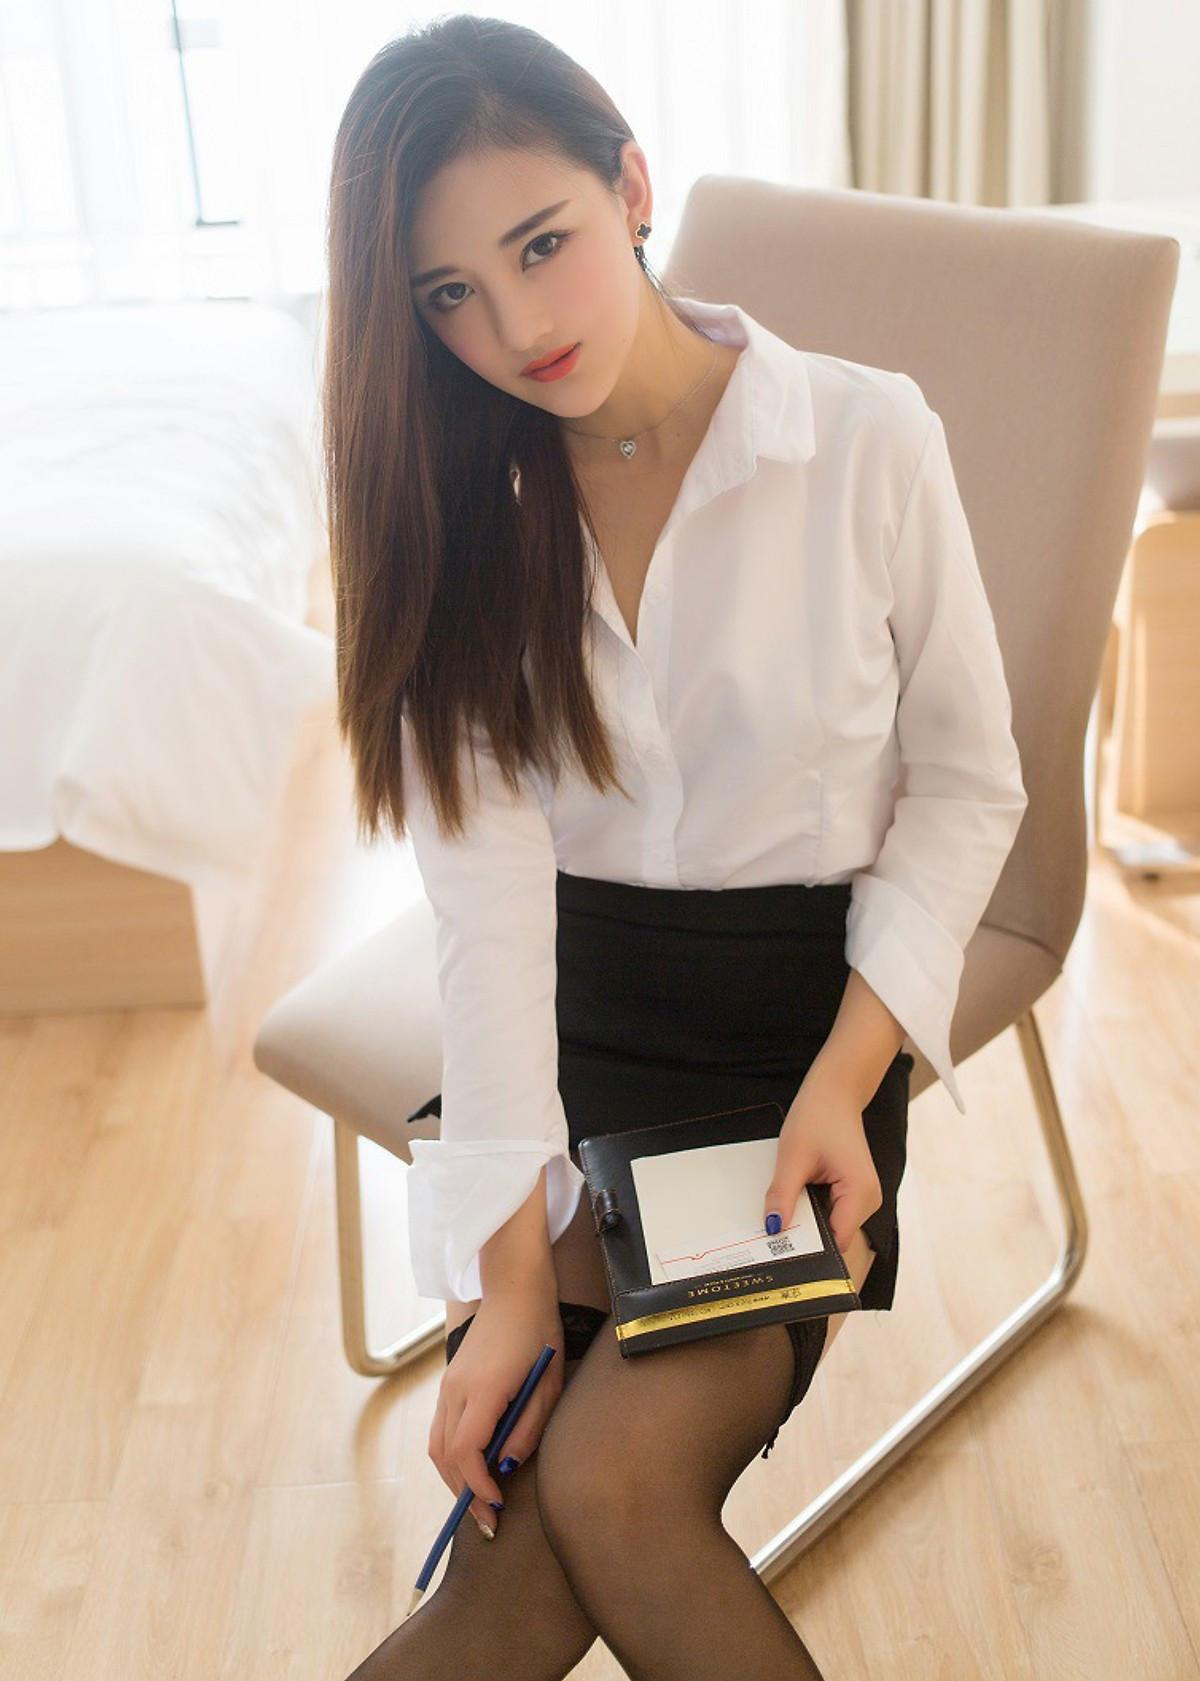 Sét áo trắng kèm chân váy ôm dáng văn phòng lịch thiệp